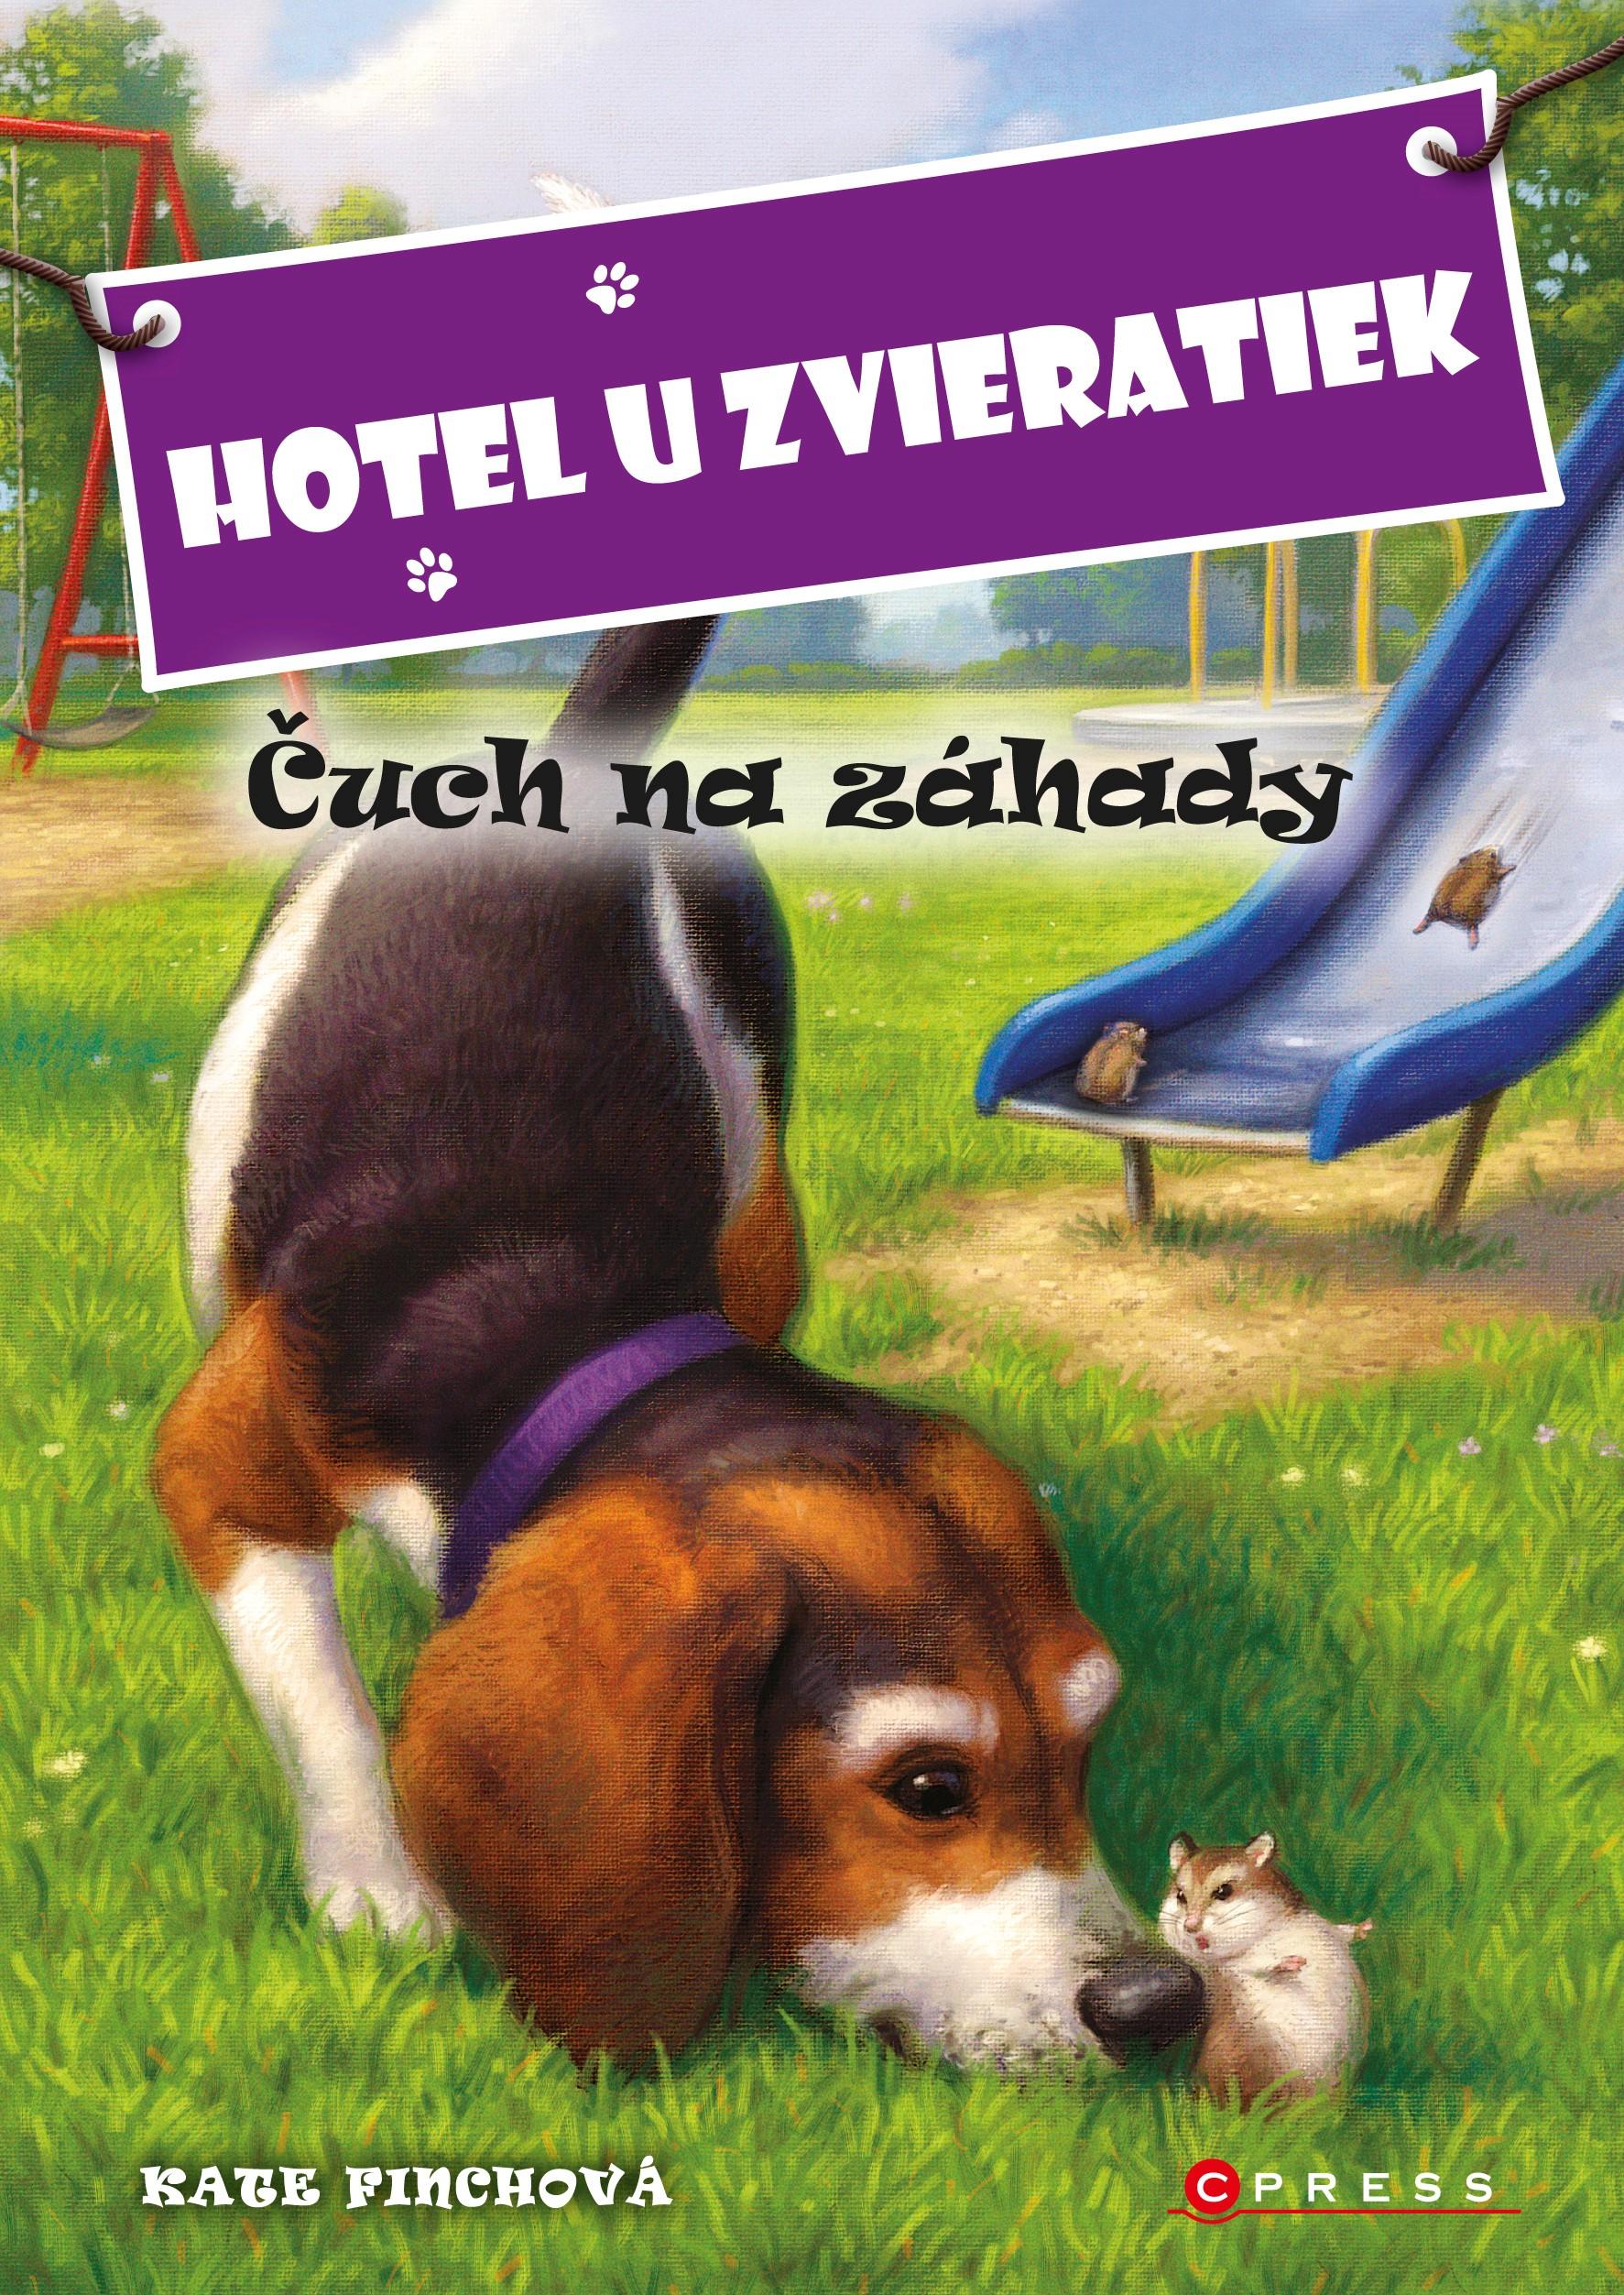 Hotel u zvieratiek - Čuch na záhady